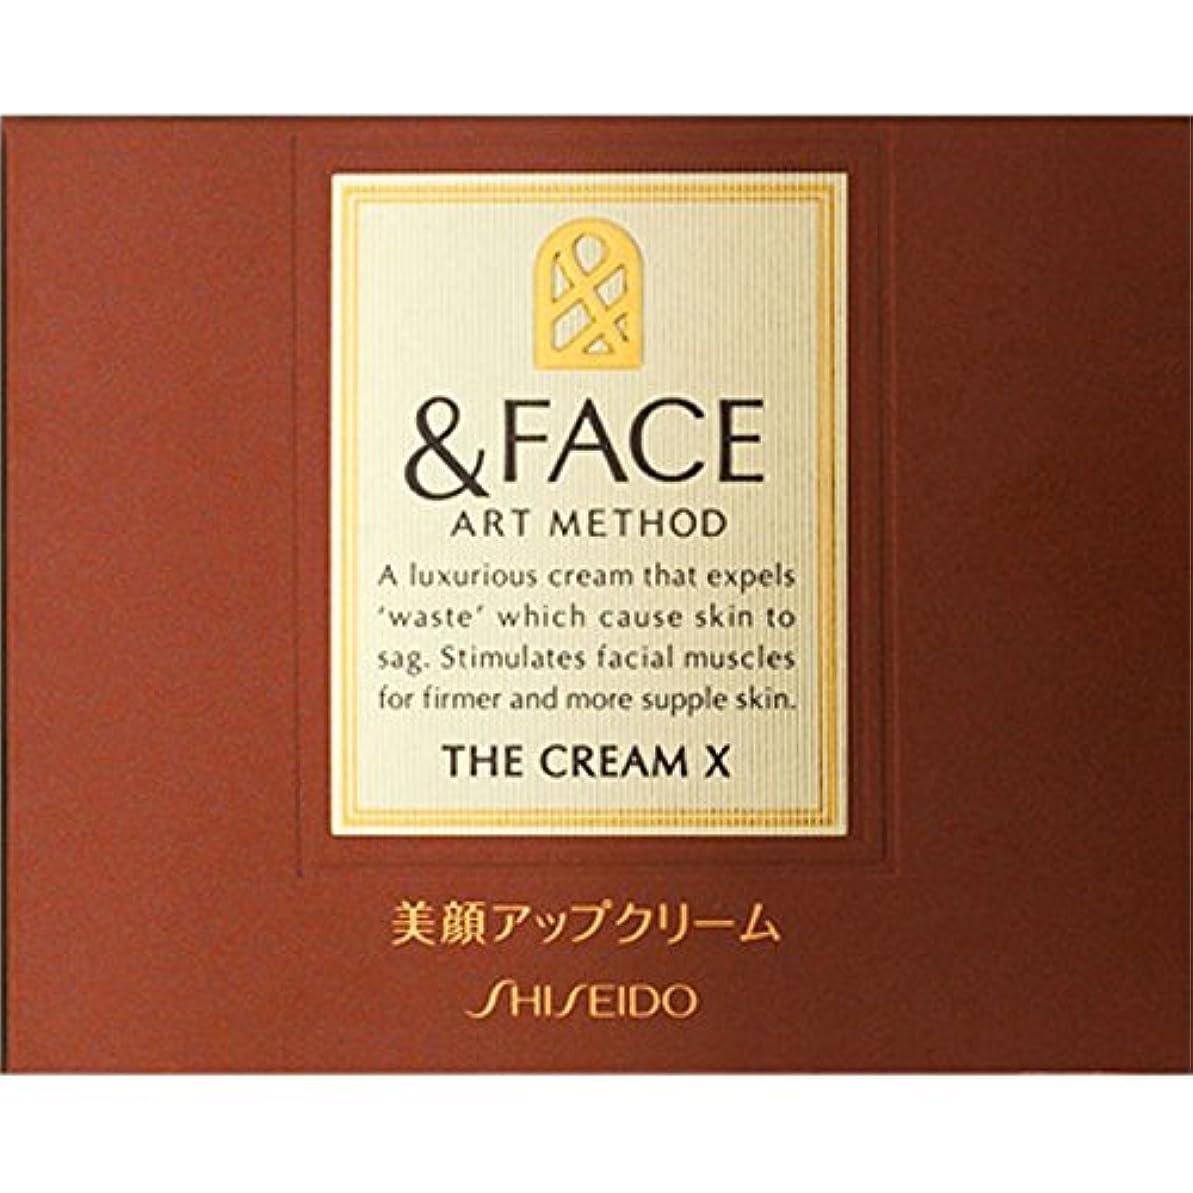 酸っぱい原稿議題資生堂インターナショナル &FACEアートメソッドザクリームX - (医薬部外品)